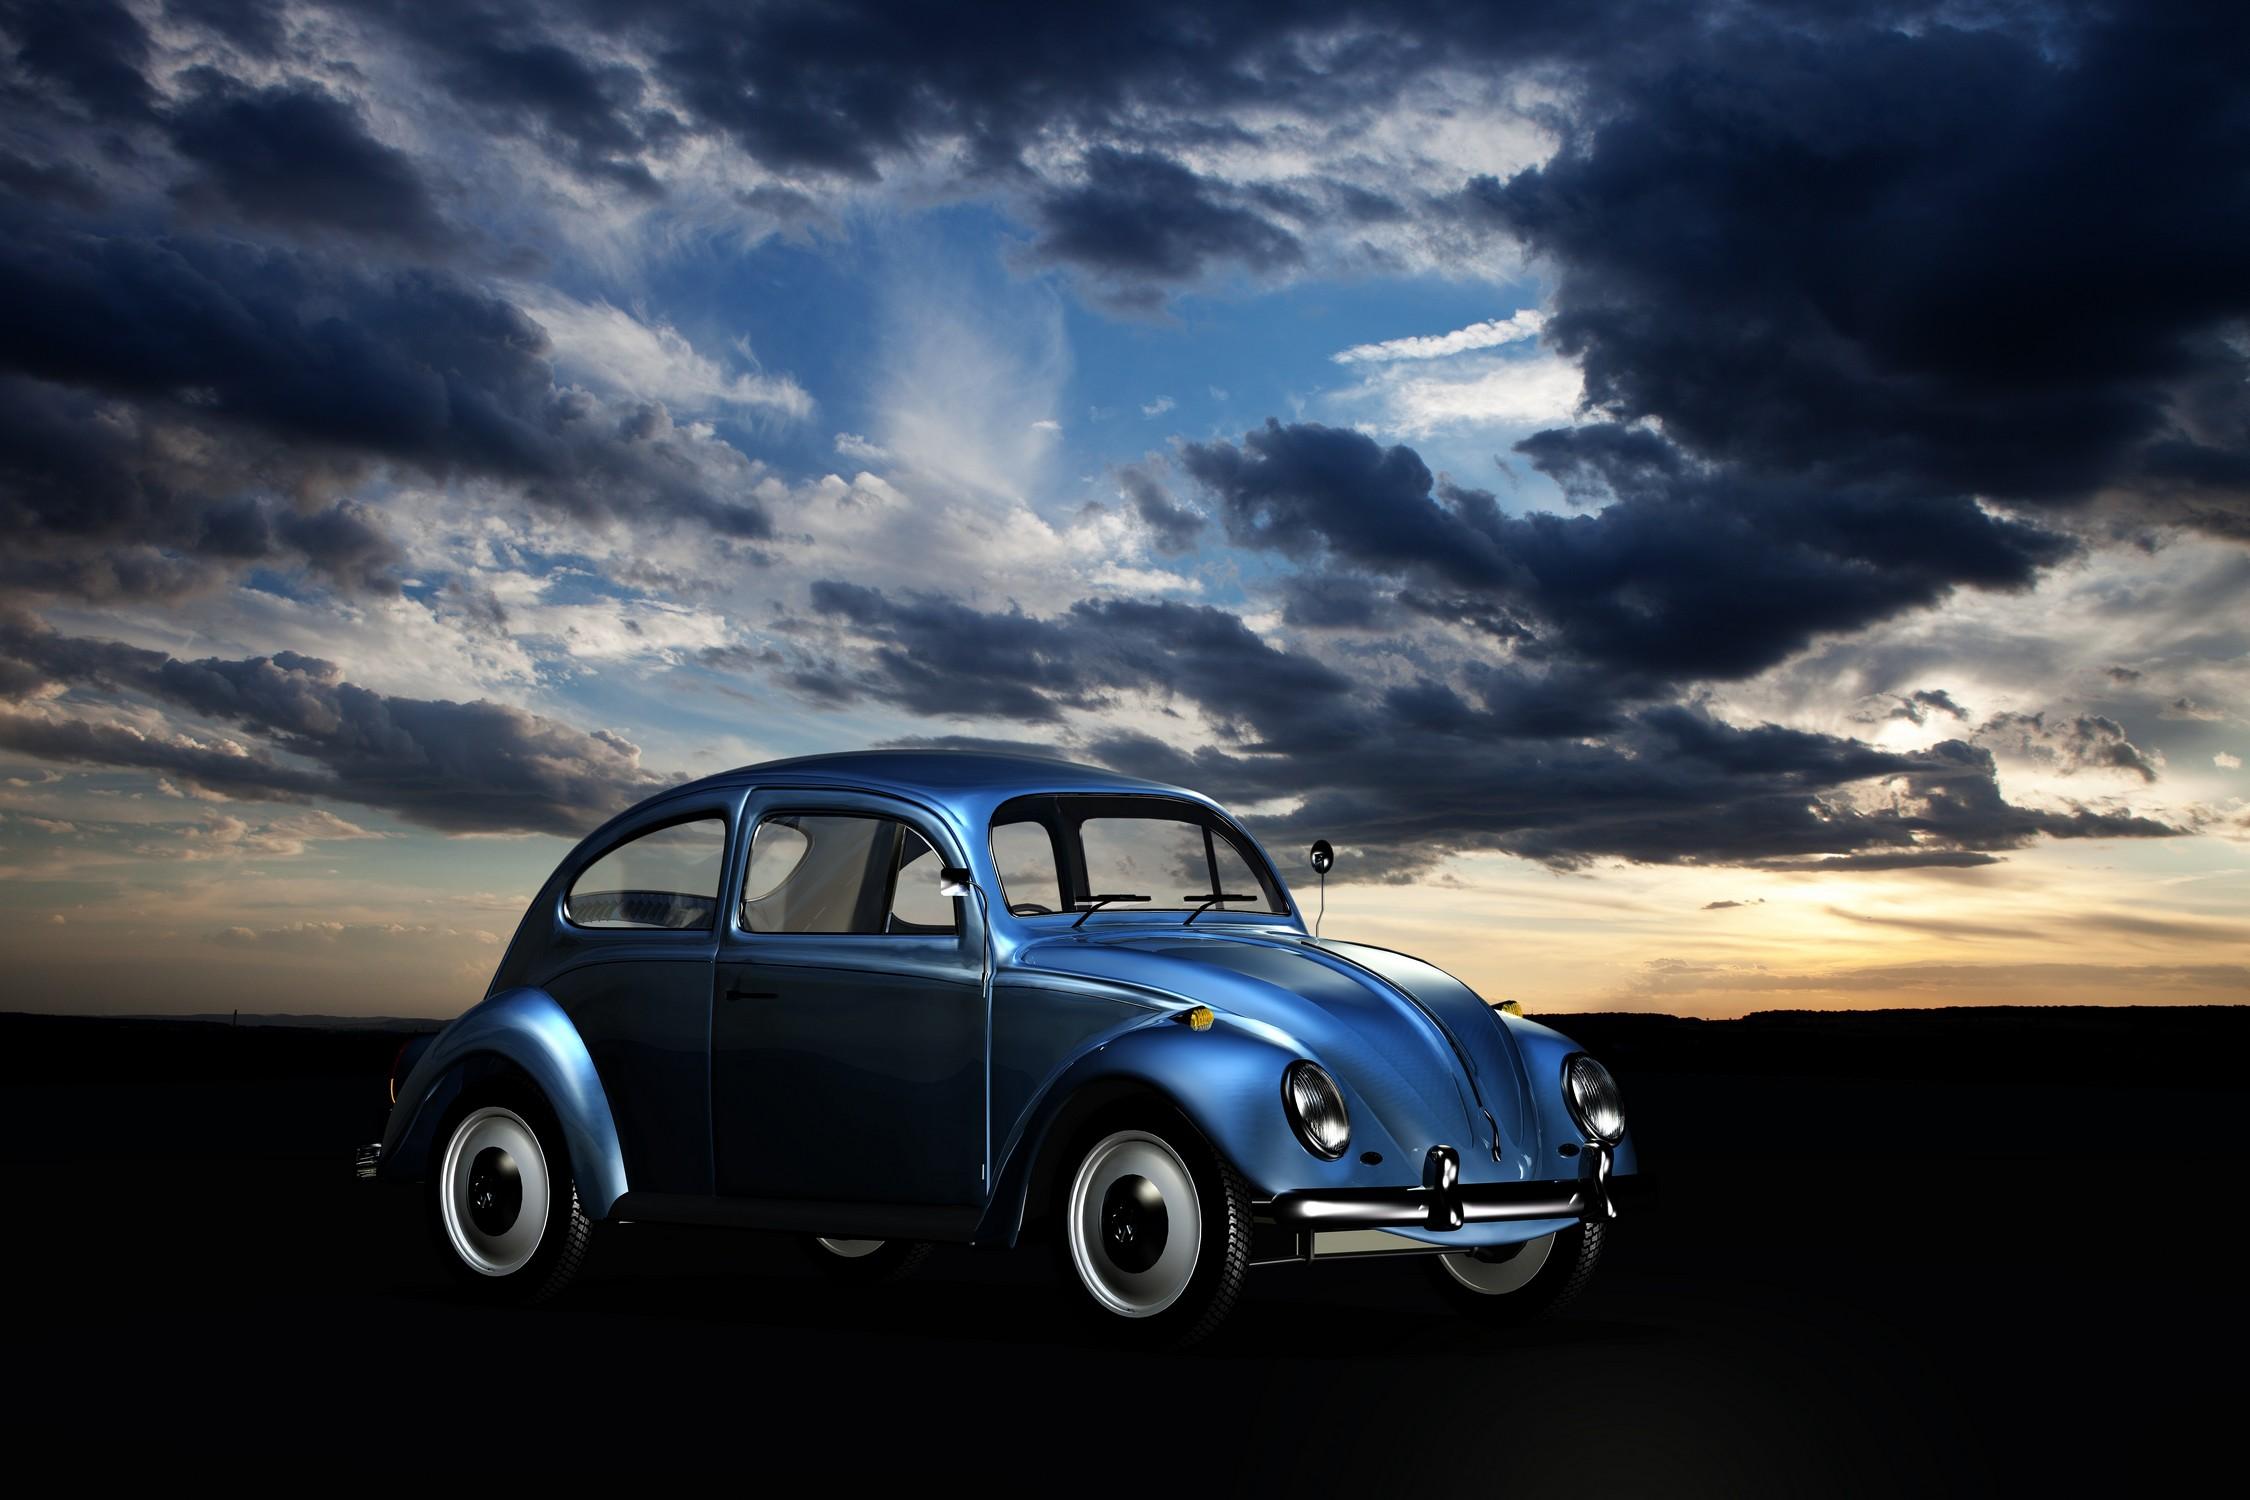 volkswagen bleu nuit